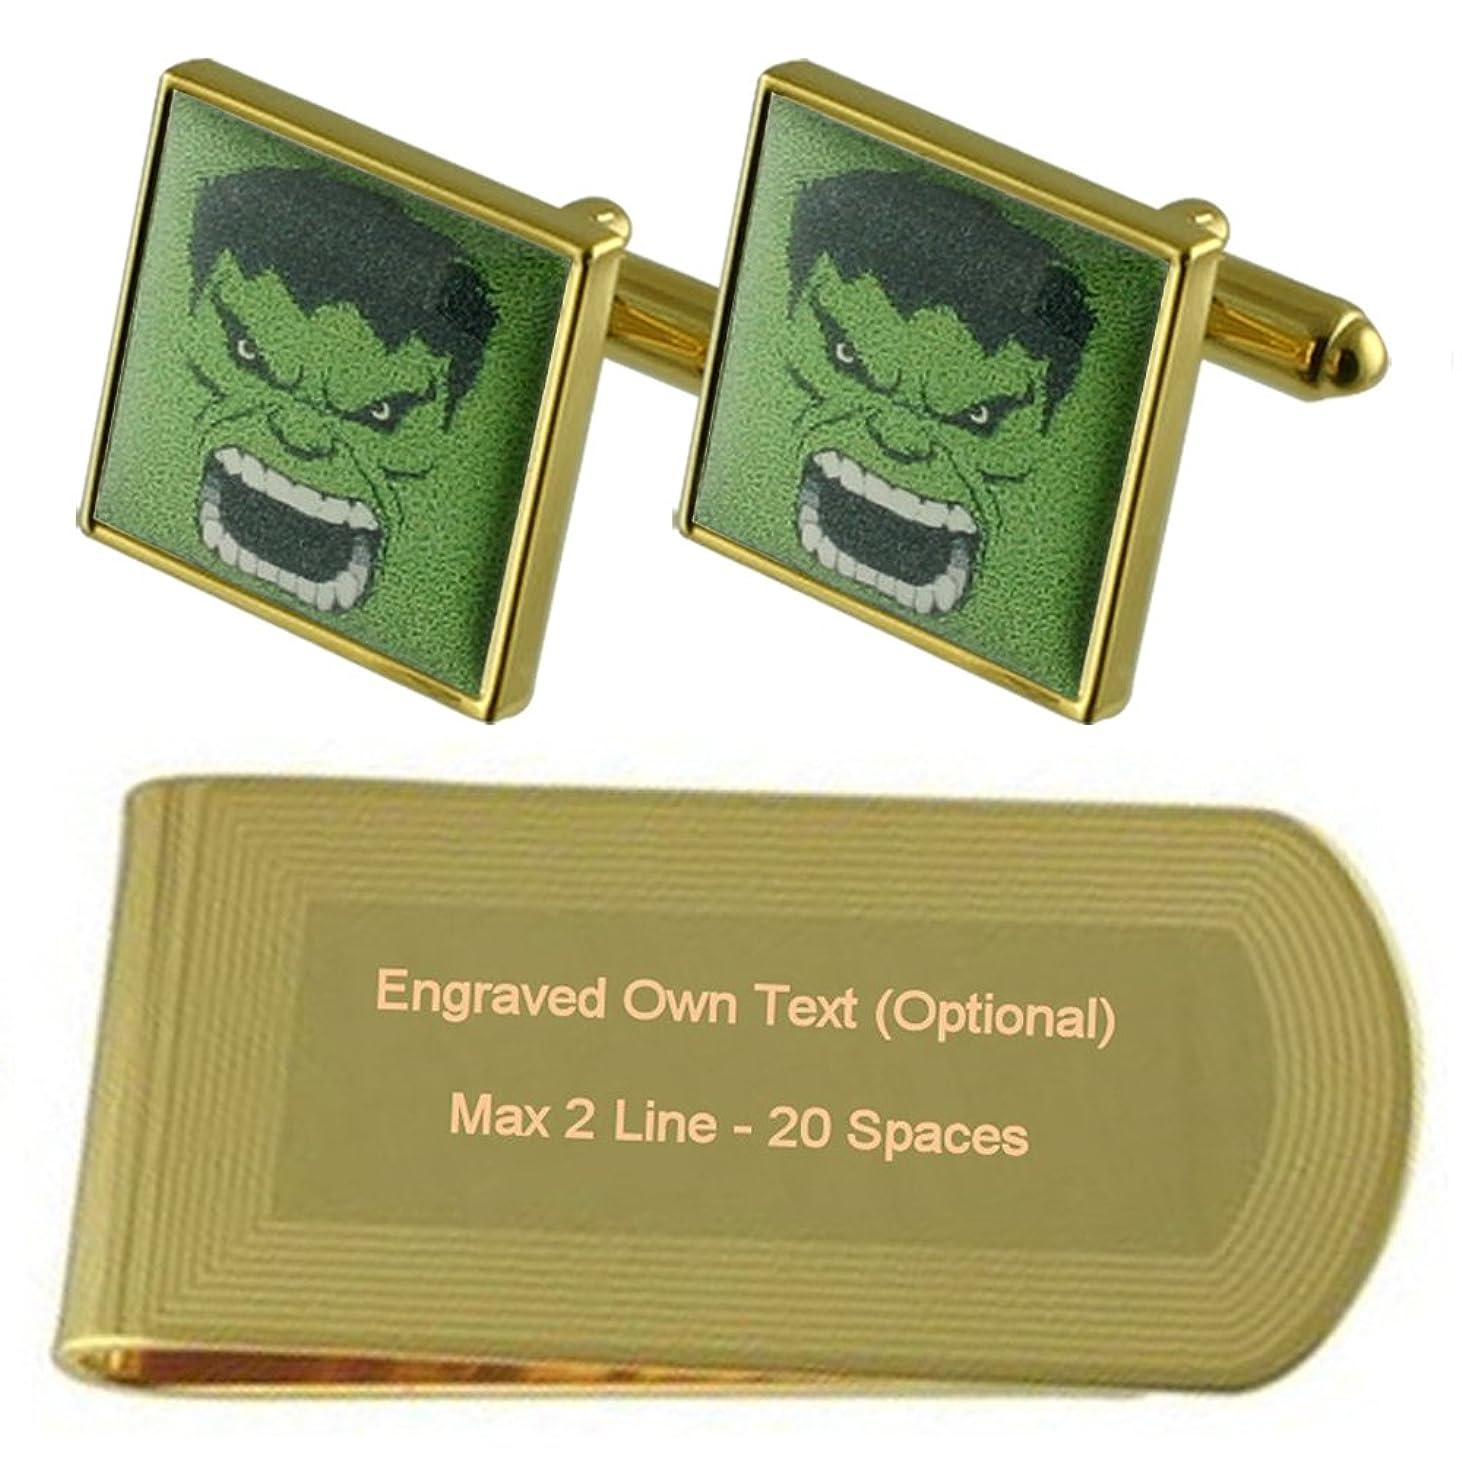 間妻デジタル緑の超人ハルクのゴールド?トーン カフスボタン お金クリップを刻まれたギフトセット